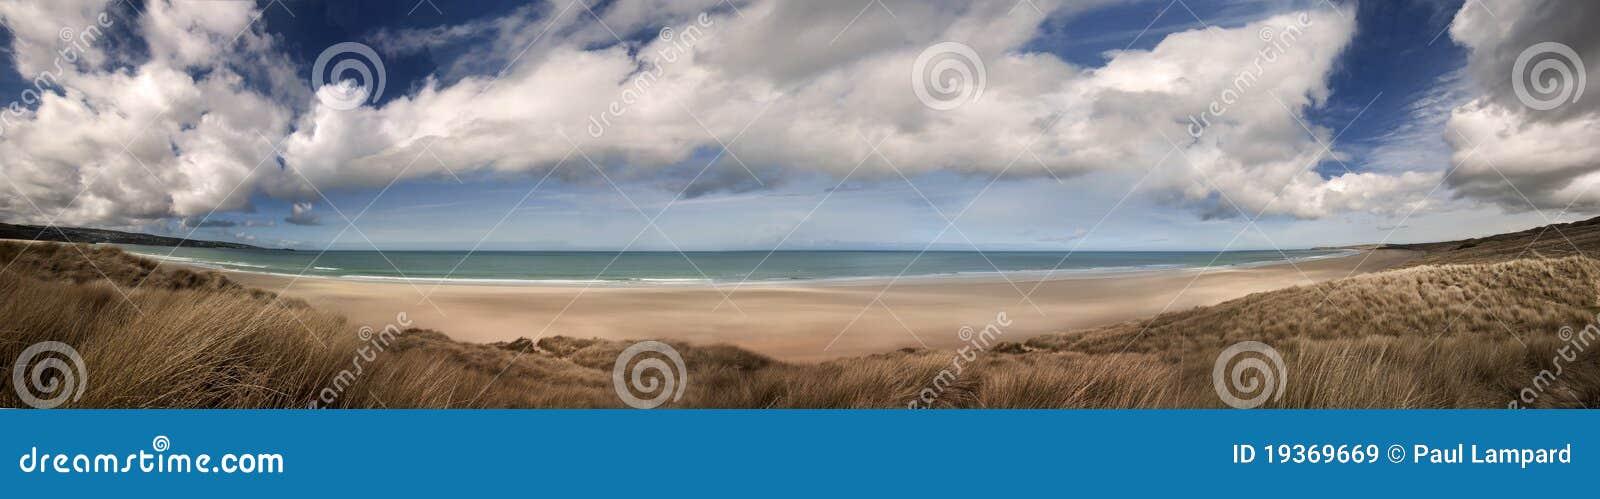 Praia de Cornualha panorâmico